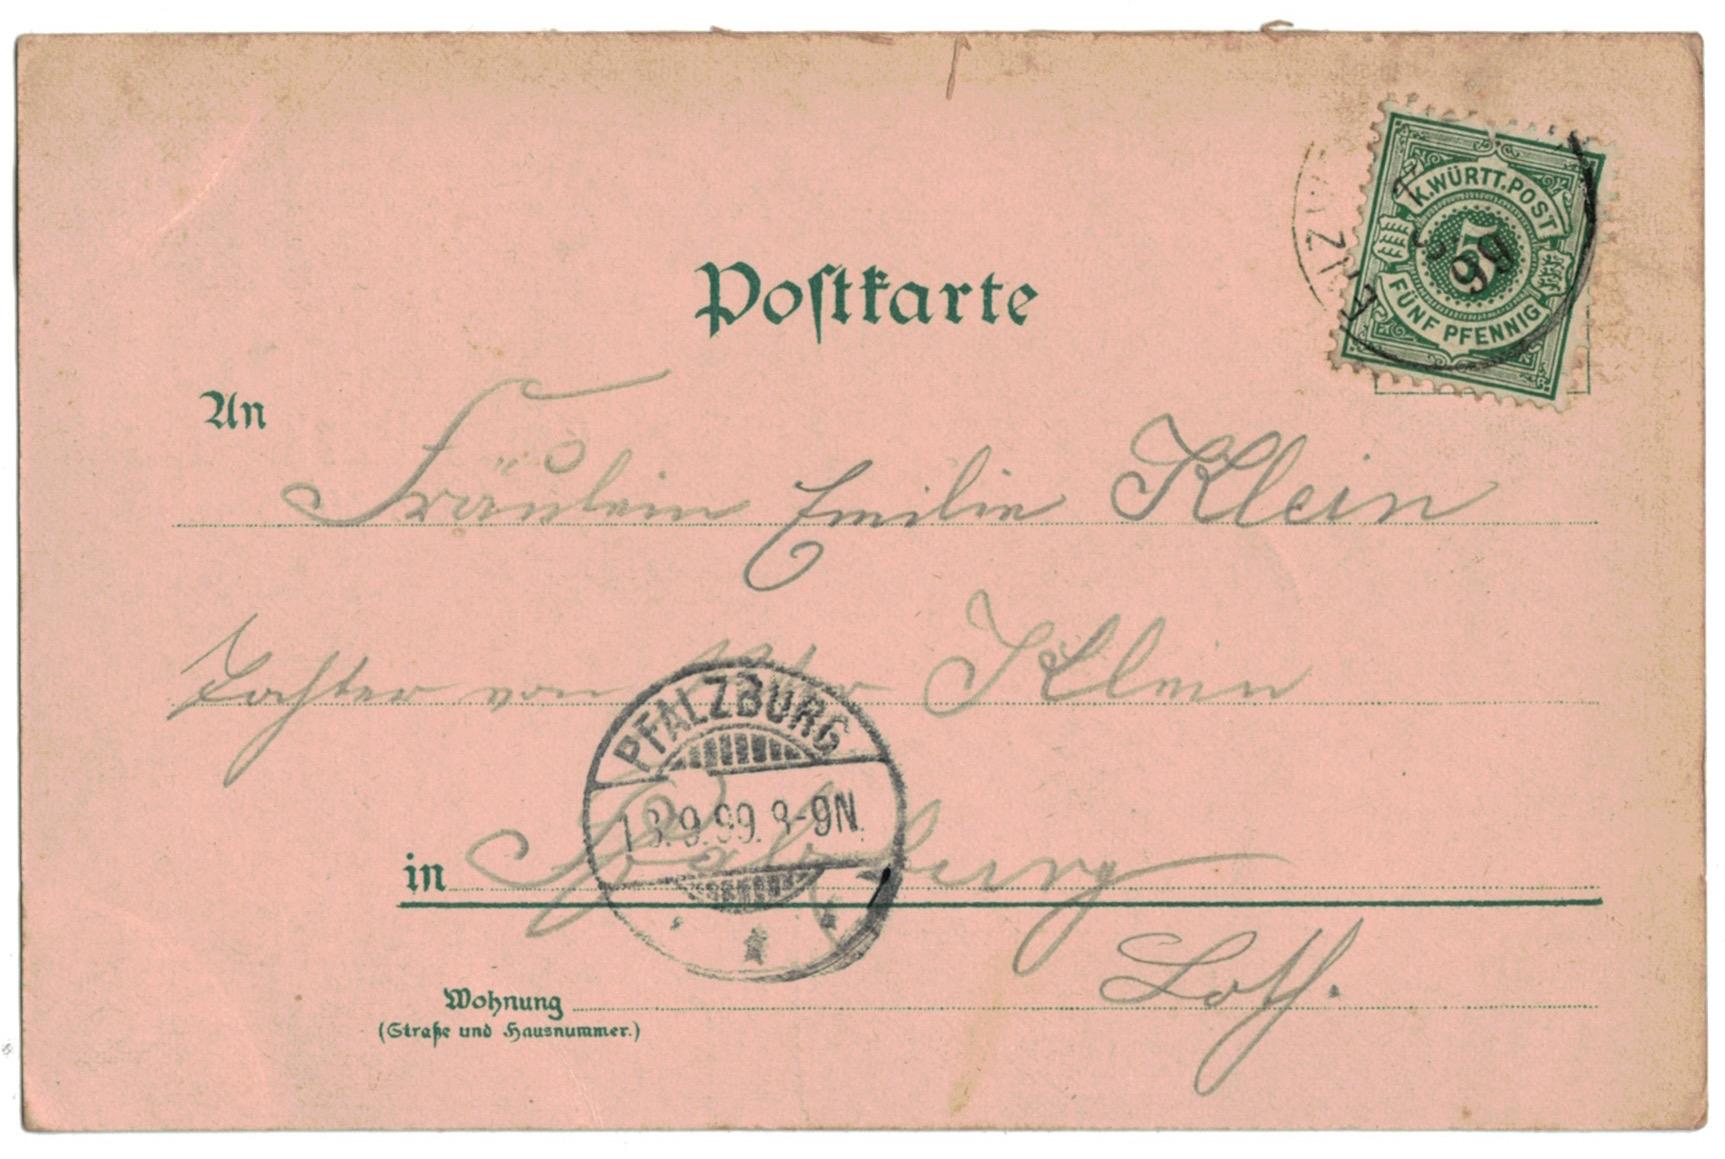 1 Carte Postale - Armée Allemande en campagne - Gruss von der Kaiserparade - Manövre - 1899